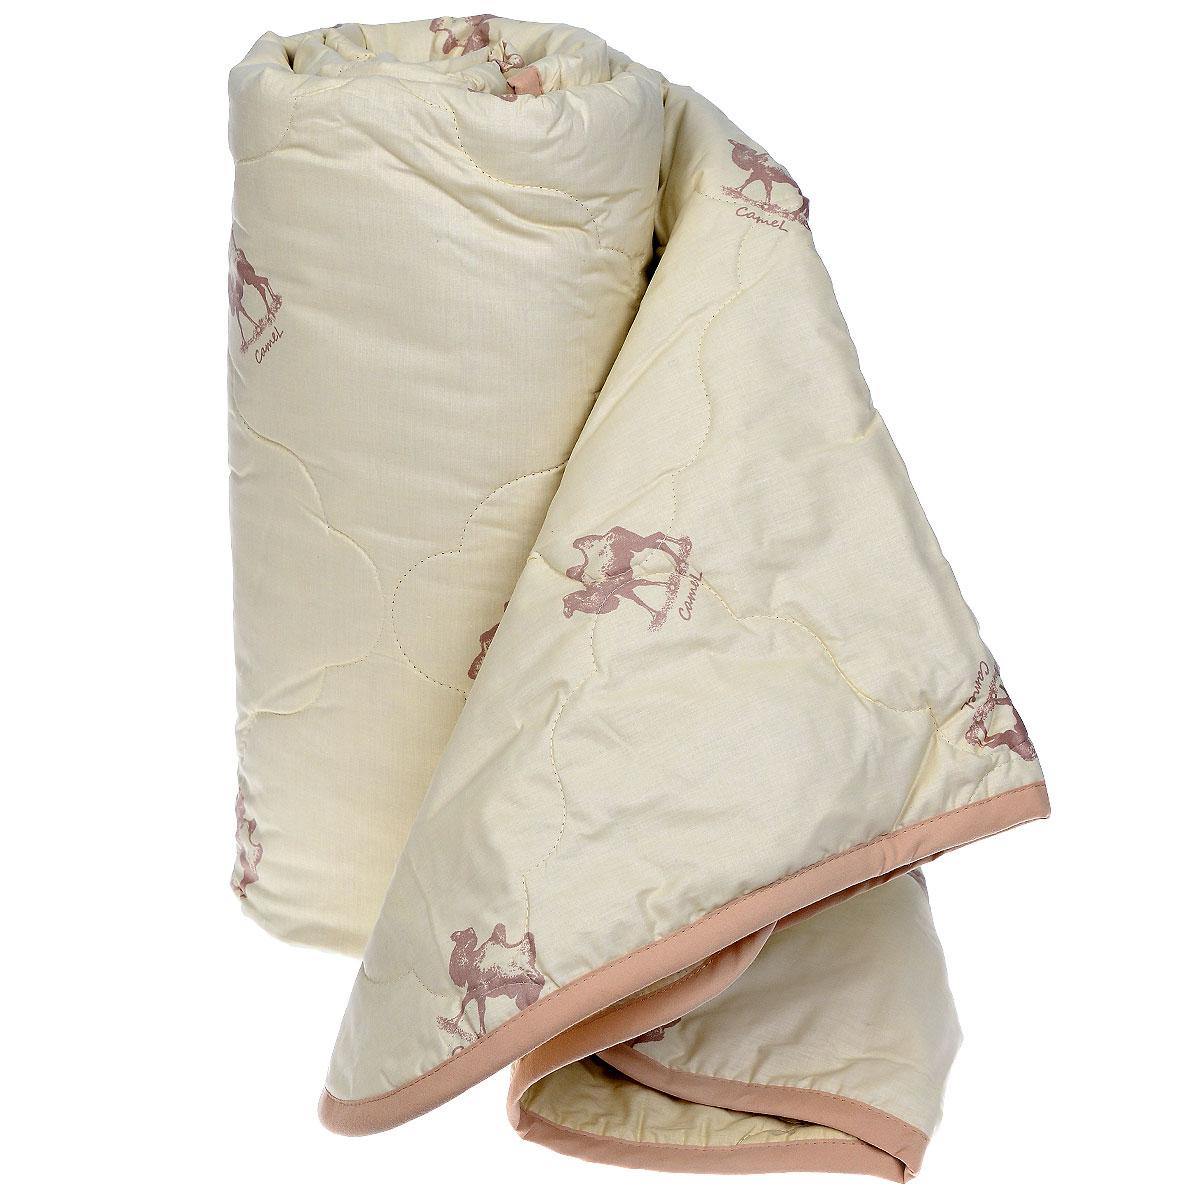 Одеяло Sova & Javoronok, наполнитель: верблюжья шерсть, цвет: бежевый, 172 см х 205 см531-105Чехол одеяла Sova & Javoronok выполнен из высококачественного плотного материала тик (100% хлопок). Наполнитель одеяла изготовлен из верблюжьей шерсти. Стежка надежно удерживает наполнитель внутри и не позволяет ему скатываться. Особенности наполнителя:- исключительные терморегулирующие свойства;- высокое качество прочеса и промывки шерсти;- великолепные ощущения комфорта и уюта. Верблюжья шерсть обладает целебными качествами, содержит наиболее высокий процент ланолина (животного воска), который является природным антисептиком и благоприятно воздействует на организм по целому ряду показателей: оказывает благотворное действие на мышцы, суставы, позвоночник, нормализует кровообращение, имеет профилактический эффект при заболевания опорно-двигательного аппарата. Кроме того, верблюжья шерсть антистатична. Шерсть верблюда сохраняет прохладу в период жаркого лета и удерживает тепло во время суровой зимы. Одеяло упакована в прозрачный пластиковый чехол на змейке с ручкой, что является чрезвычайно удобным при переноске.Рекомендации по уходу:- Стирка запрещена,- Нельзя отбеливать. При стирке не использовать средства, содержащие отбеливатели (хлор),- Не гладить. Не применять обработку паром,- Химчистка с использованием углеводорода, хлорного этилена,- Нельзя выжимать и сушить в стиральной машине. Размер одеяла: 172 см х 205 см. Материал чехла: тик (100% хлопок). Материал наполнителя: верблюжья шерсть.